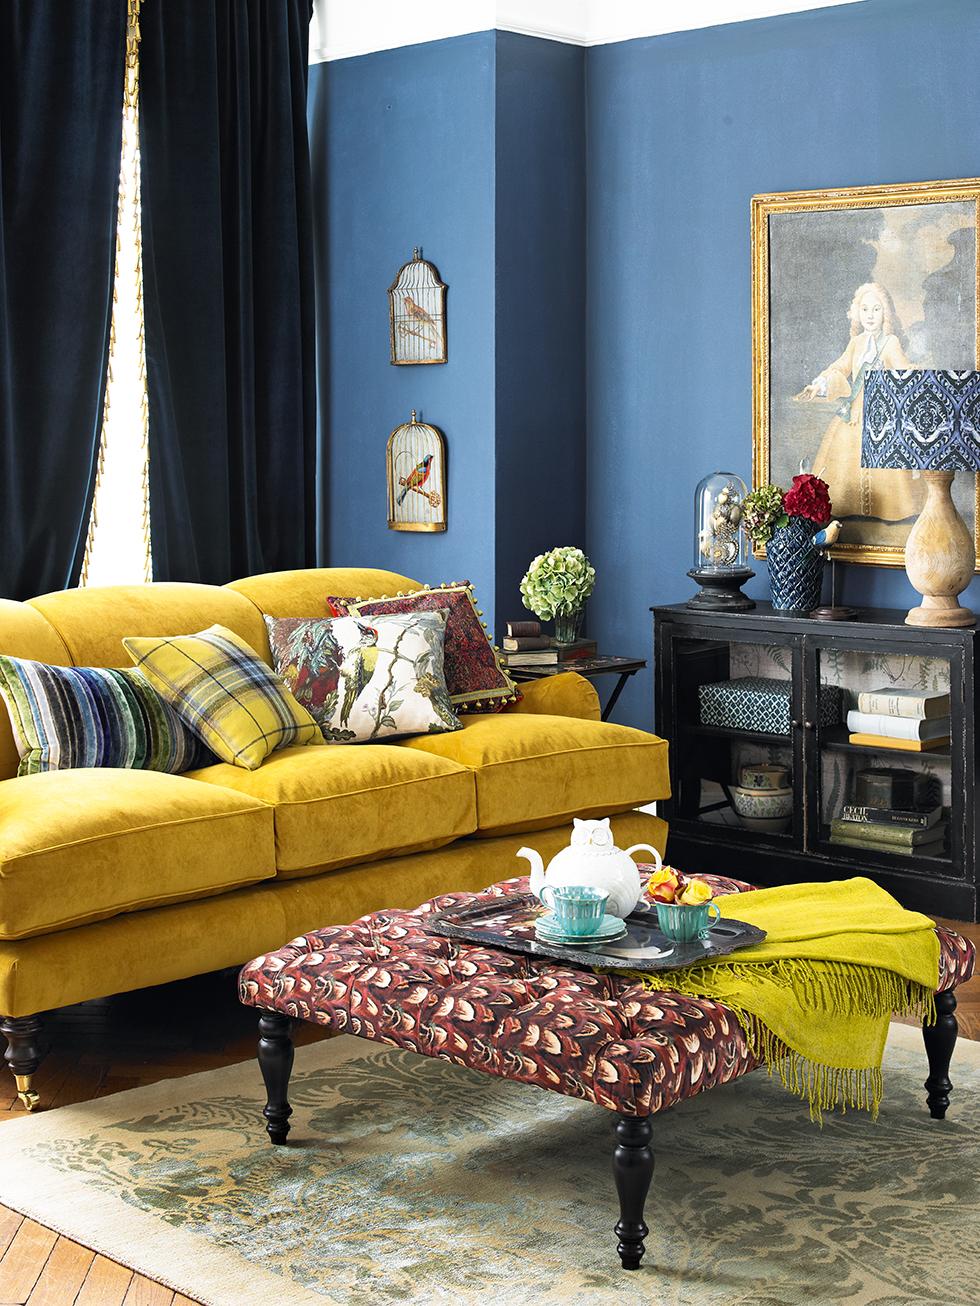 Желтый диван в колониальном стиле